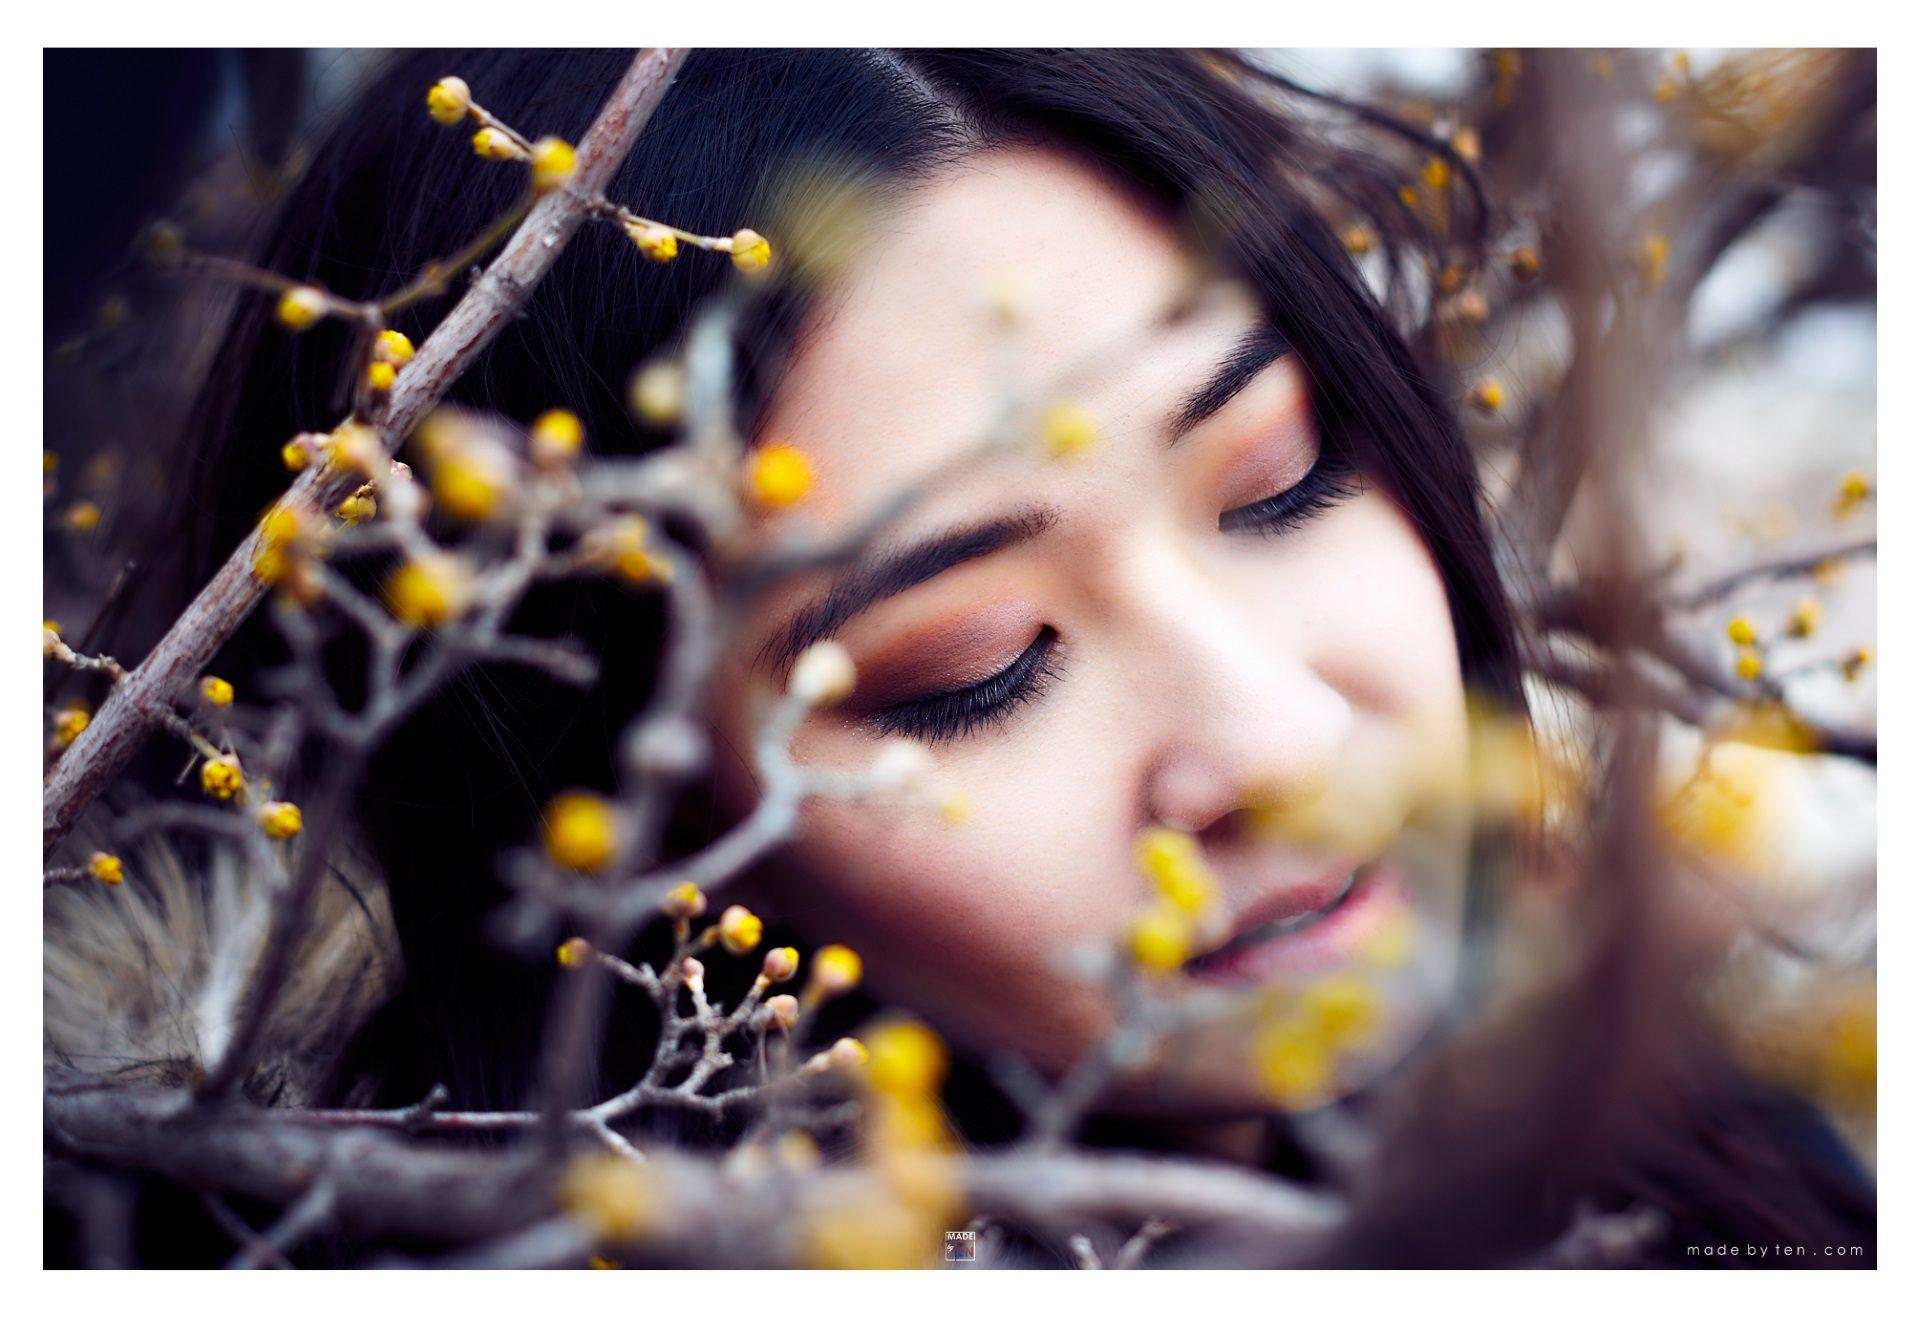 Woman Headshot Yellow Buds - GTA Women Lifestyle Photography